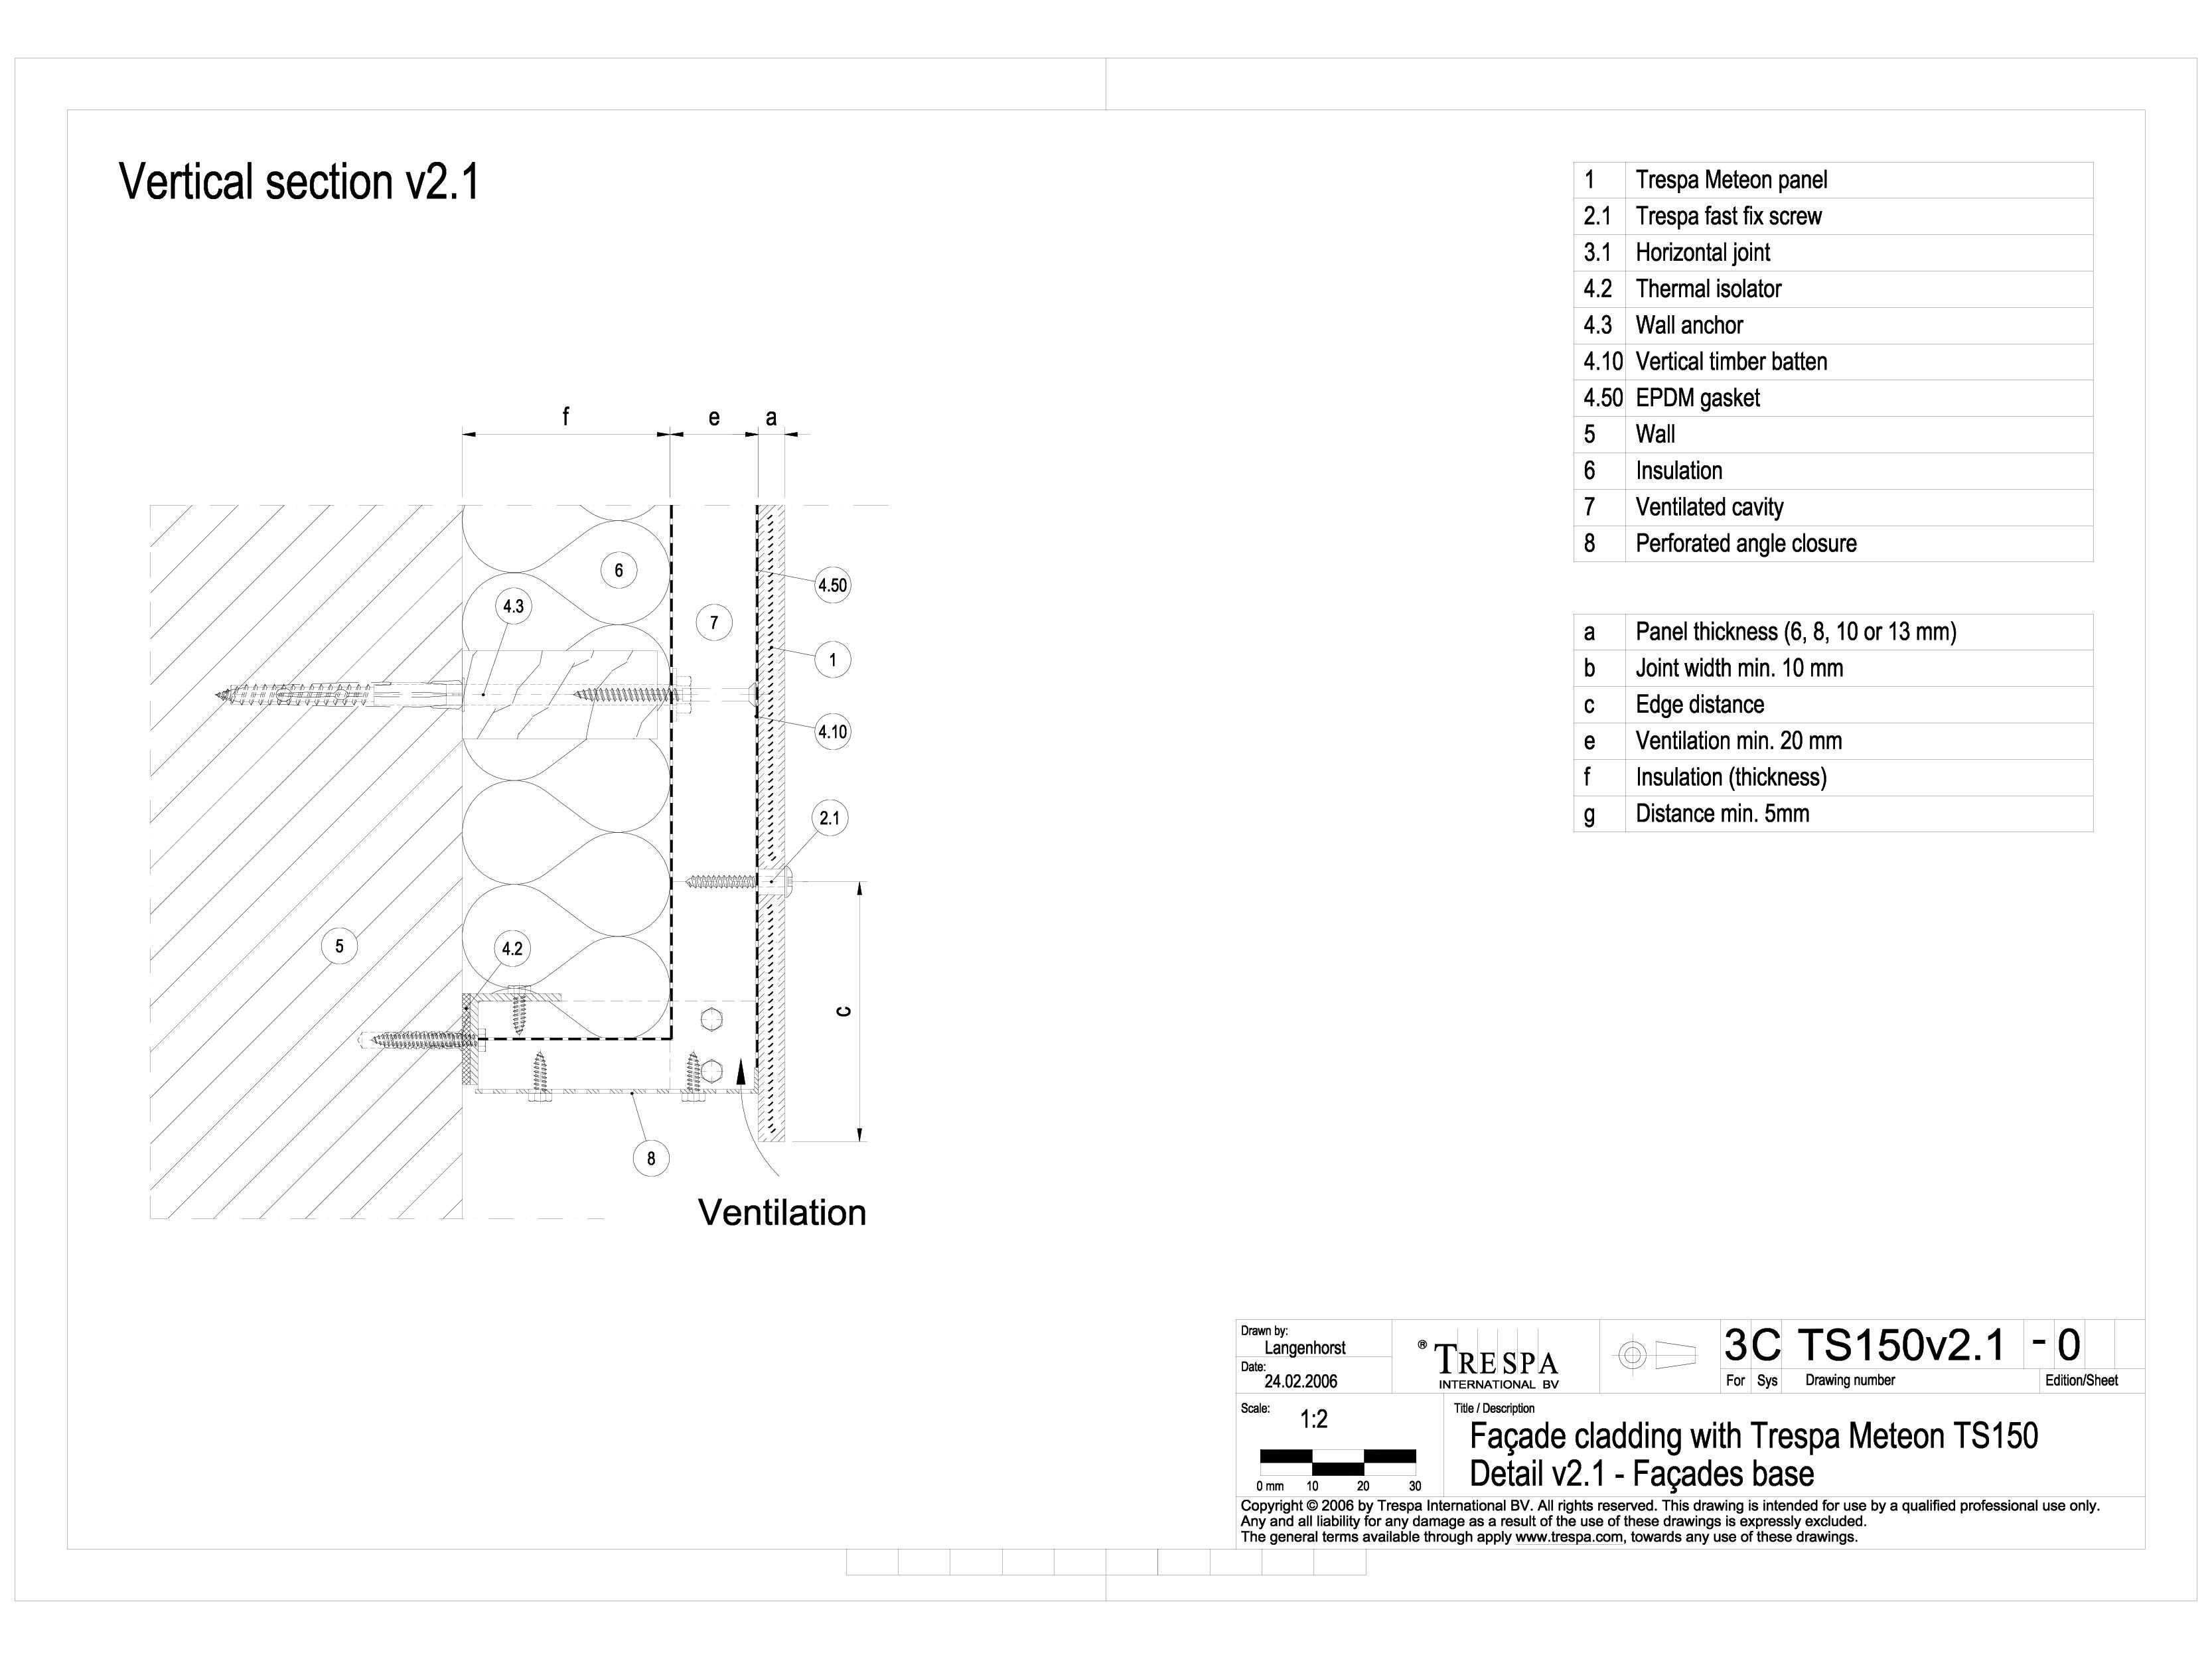 Sisteme de prindere fatade ventilate invizibile cu suruburi si cadru din lemn, detaliu de prindere la baza fatadei METEON TRESPA Placi HPL pentru fatade ventilate GIBB TECHNOLOGIES  - Pagina 1